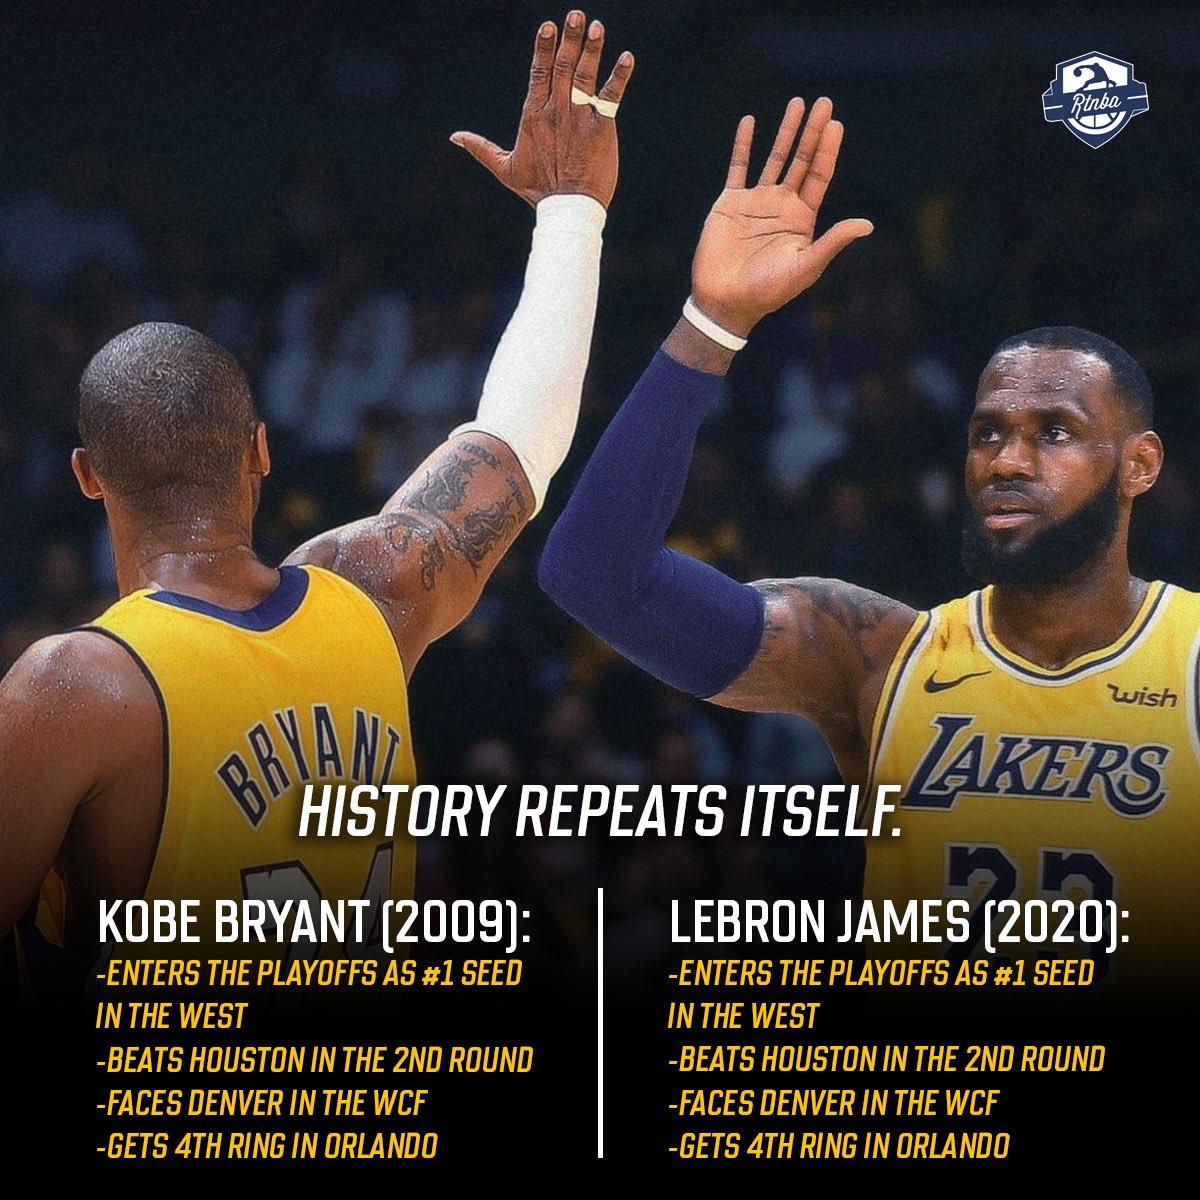 Kobe x LeBron James.  Ran it back. 🏆 https://t.co/GBTxPruPwA